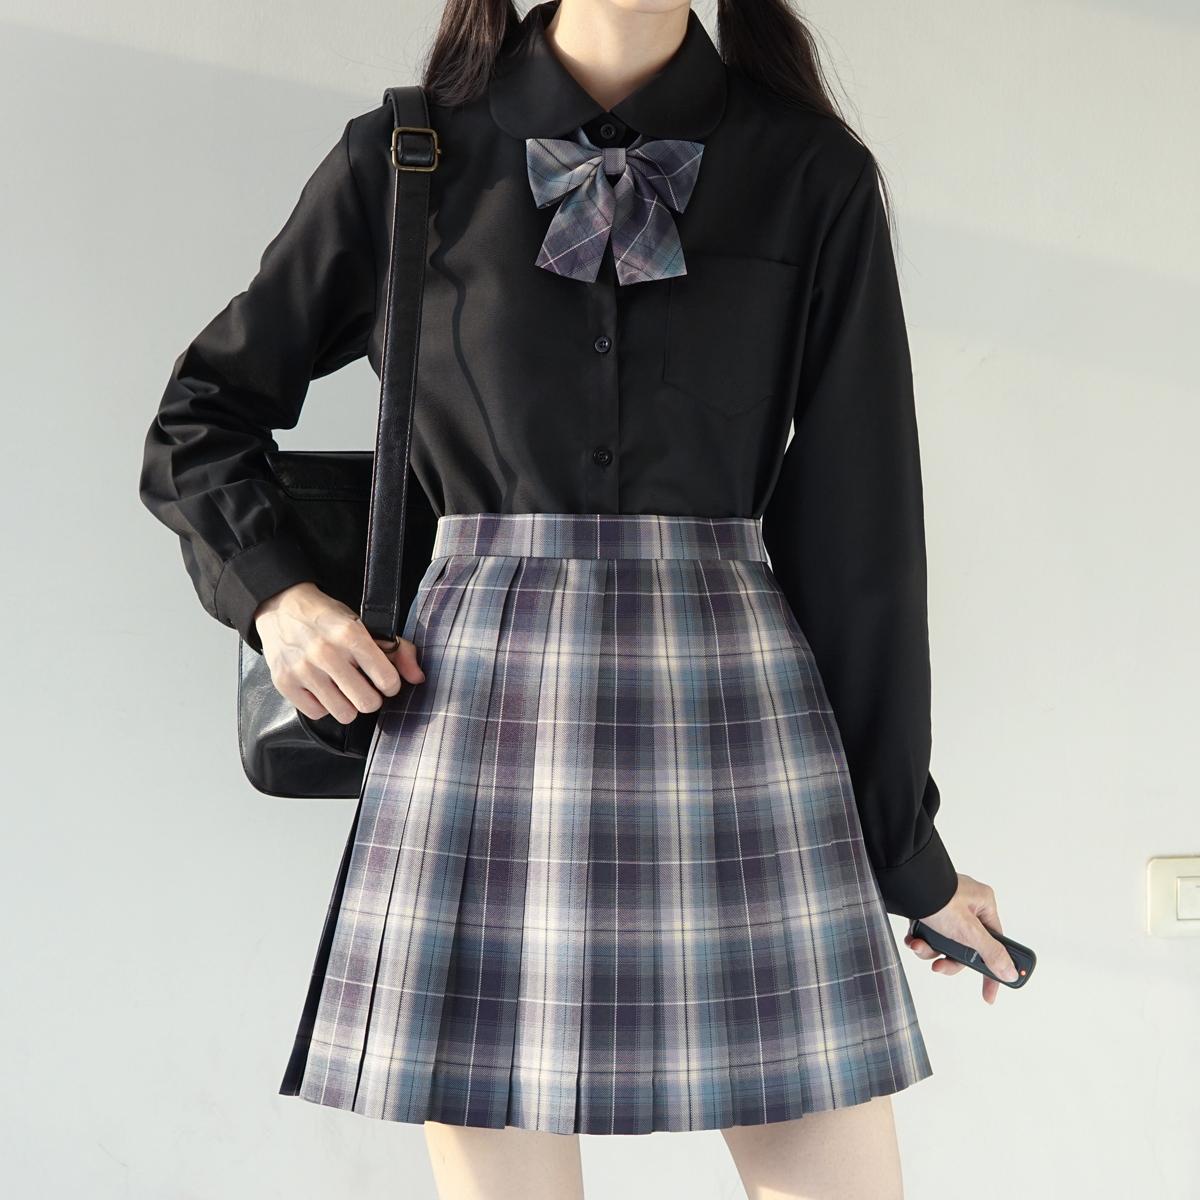 女 基础款黑白尖领圆领衬衫 制服日系长袖角襟丸襟衬衫 jk 刺篇